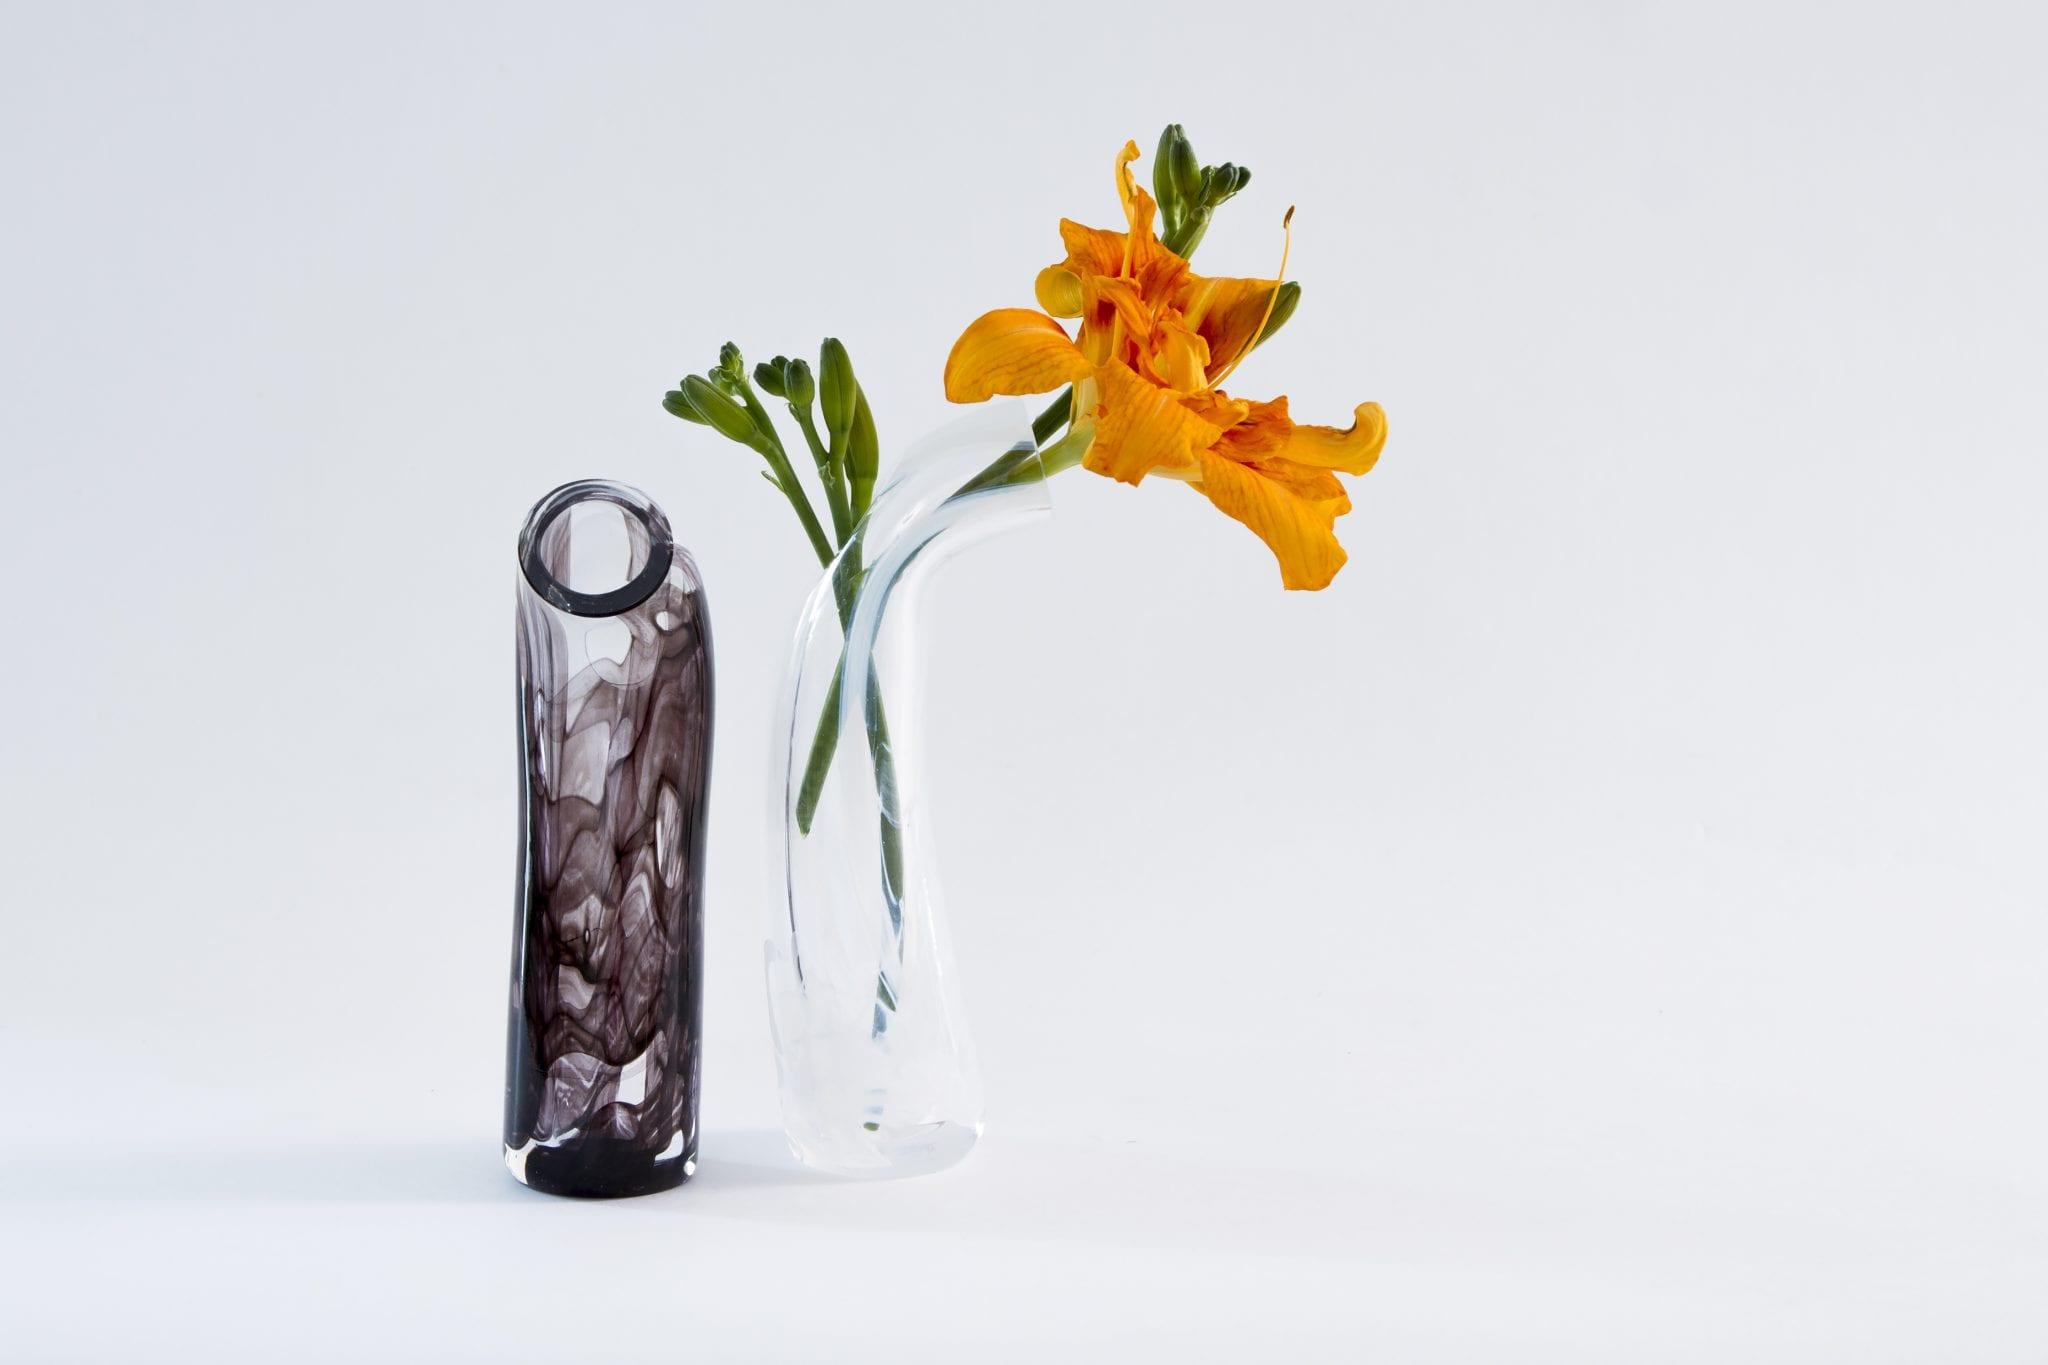 Fermas vaze_3